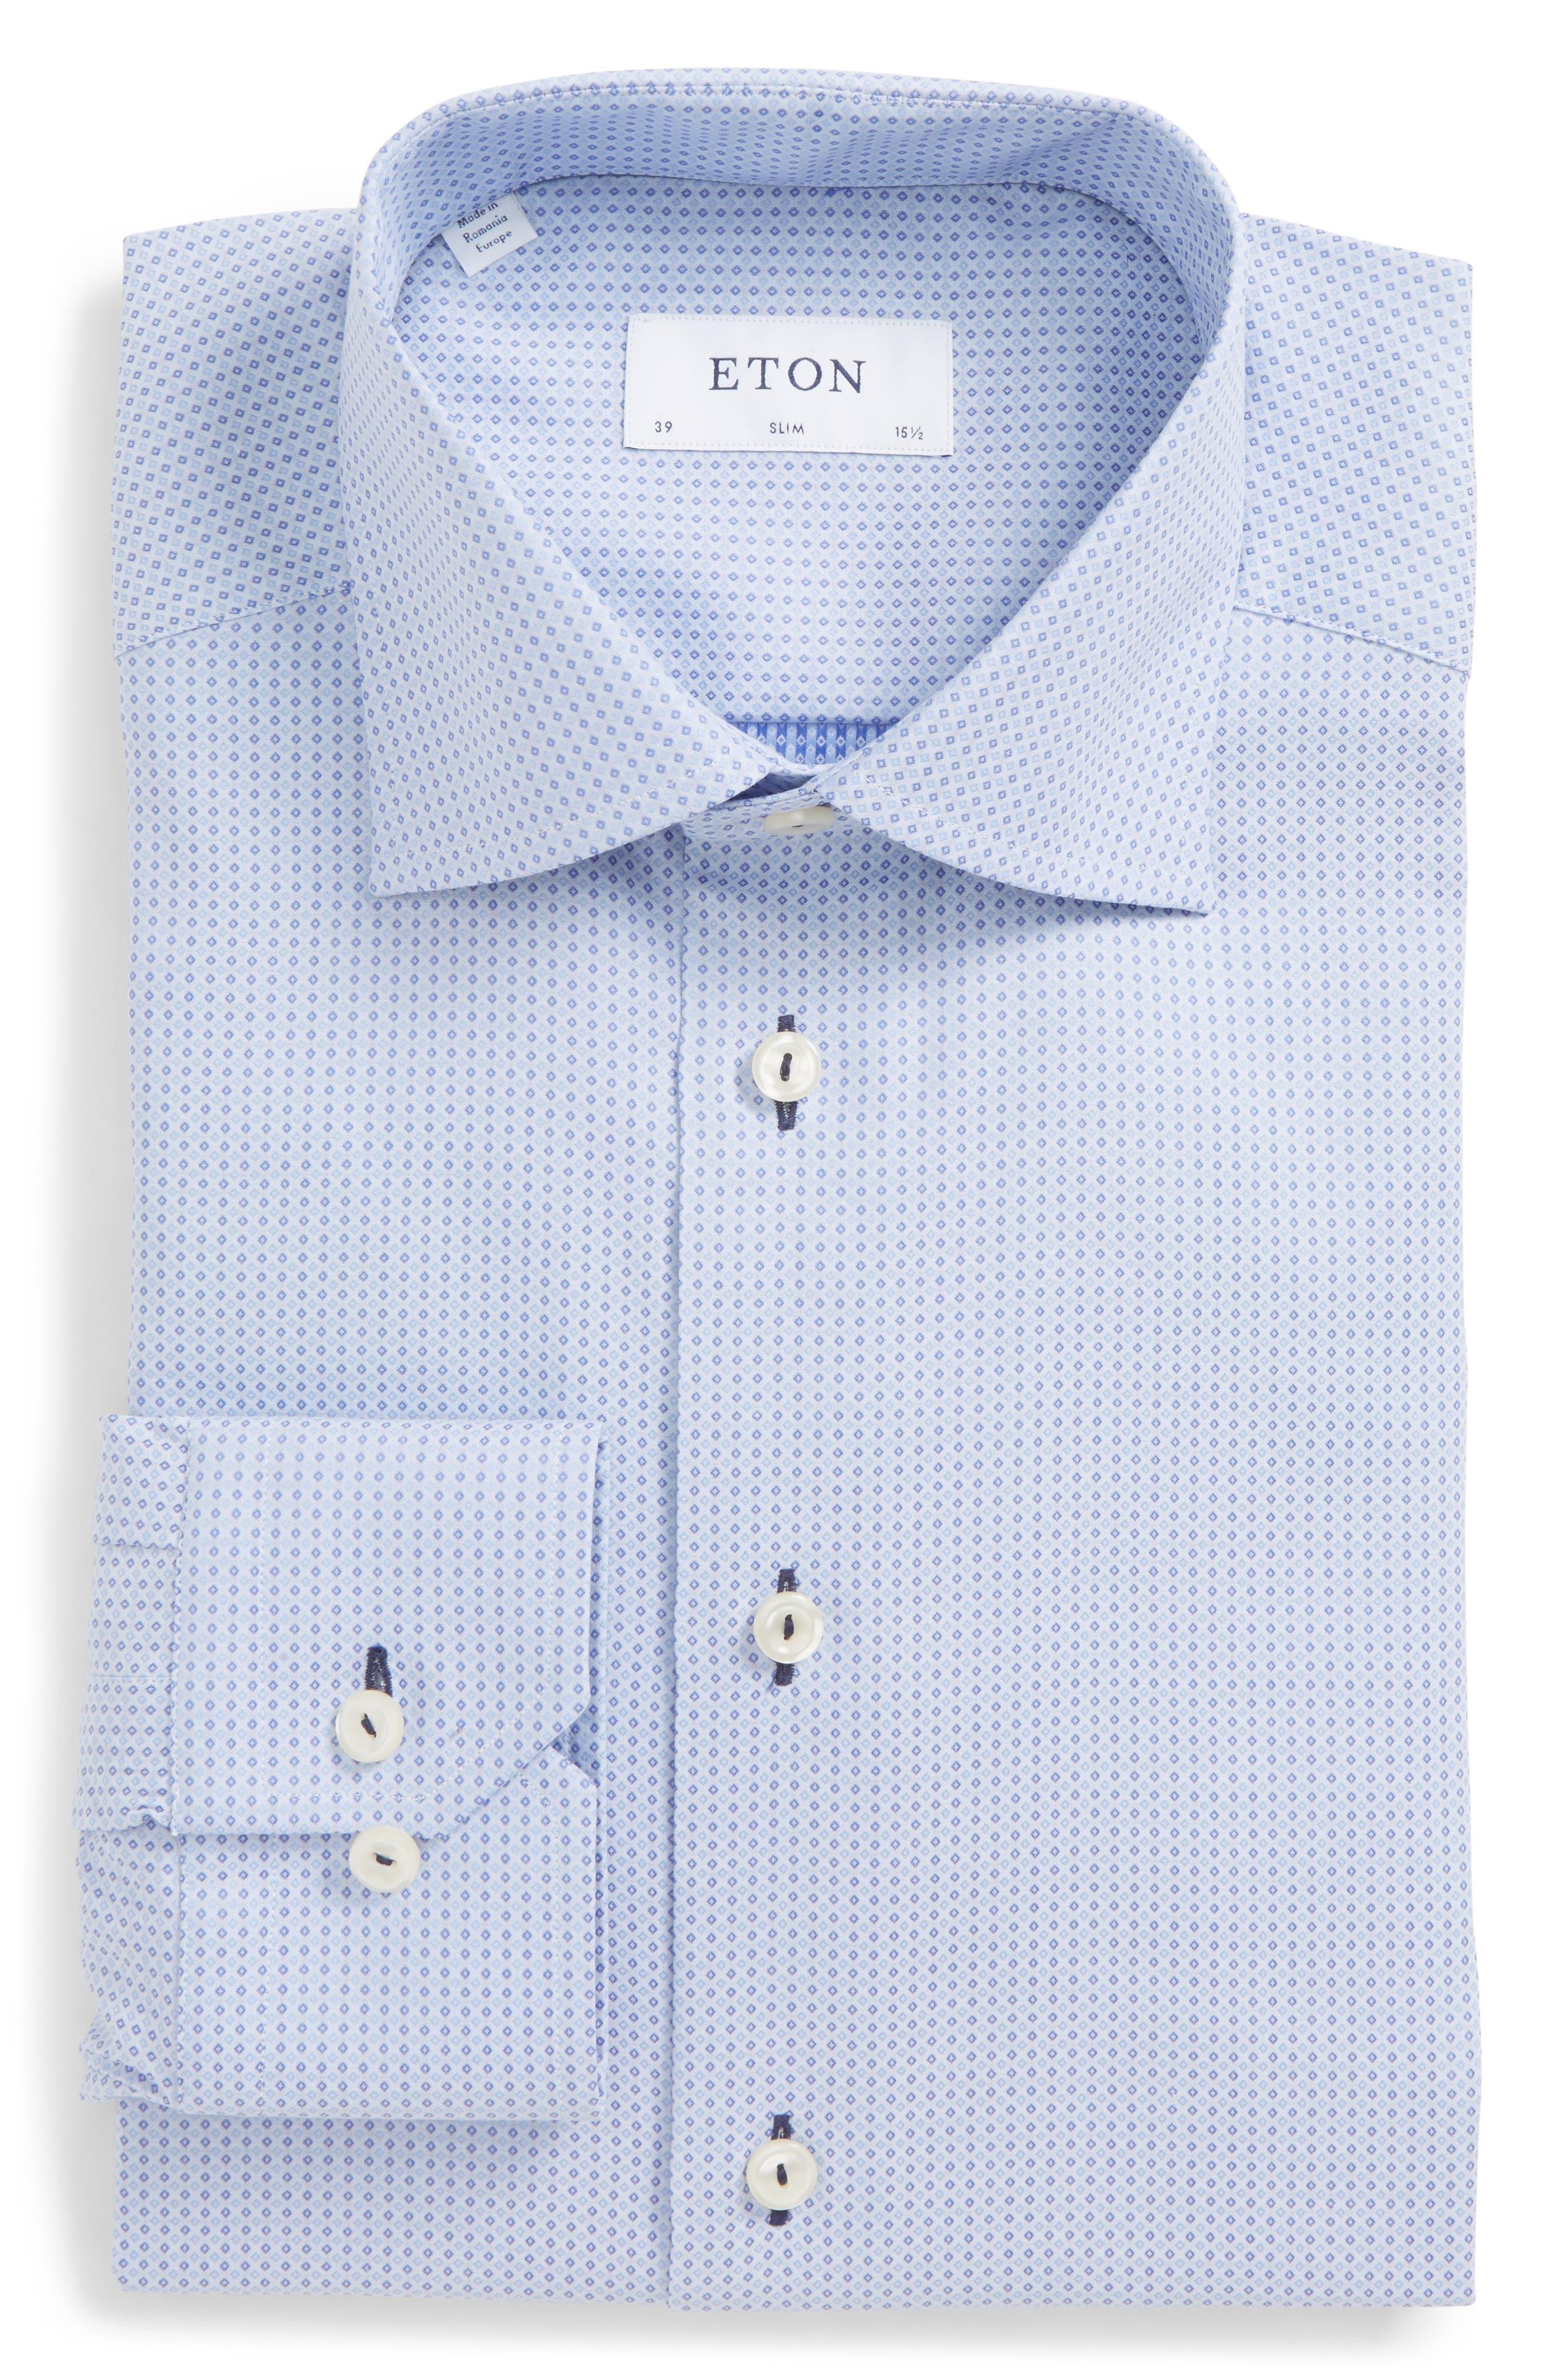 Main Image - Eton Slim Fit Grid Dress Shirt